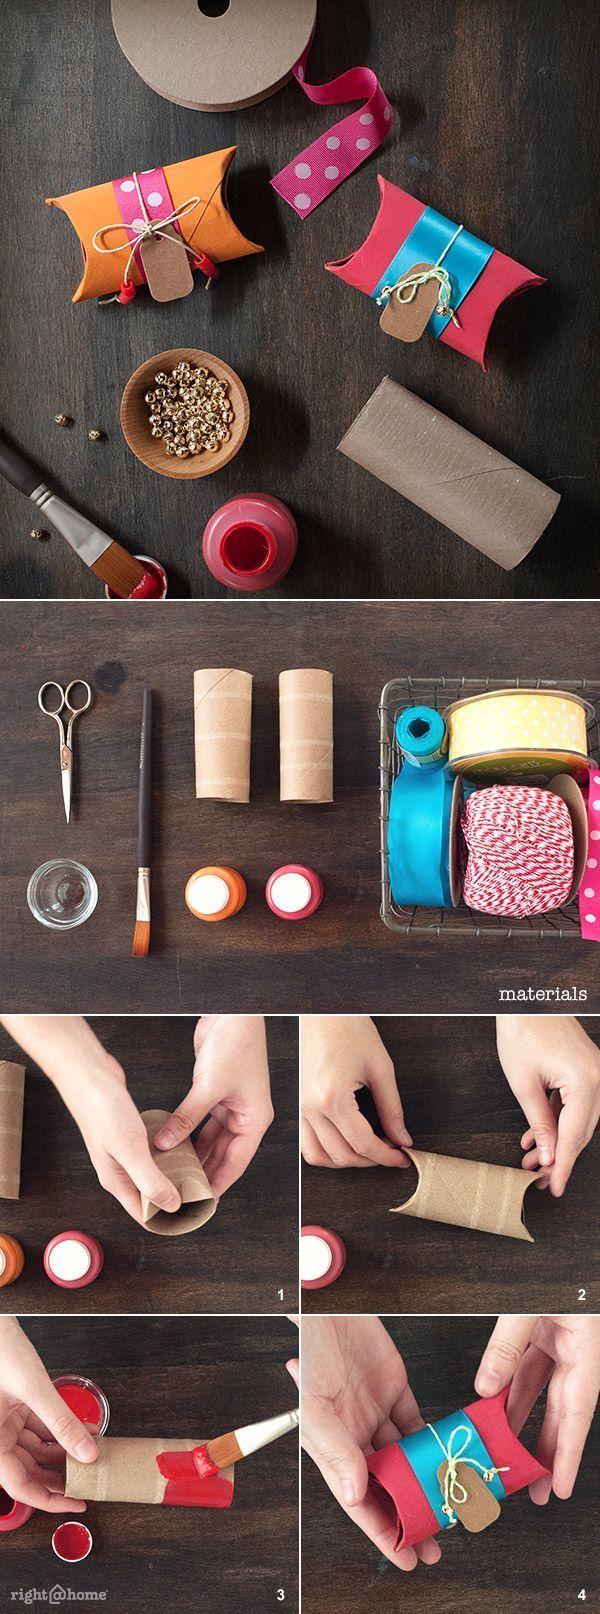 Que tal fazer essas embalagens lindinhas pra colocar alguma lembrancinha? Você pode fazê-las bem coloridas e dar pras crianças com algo dentro :)